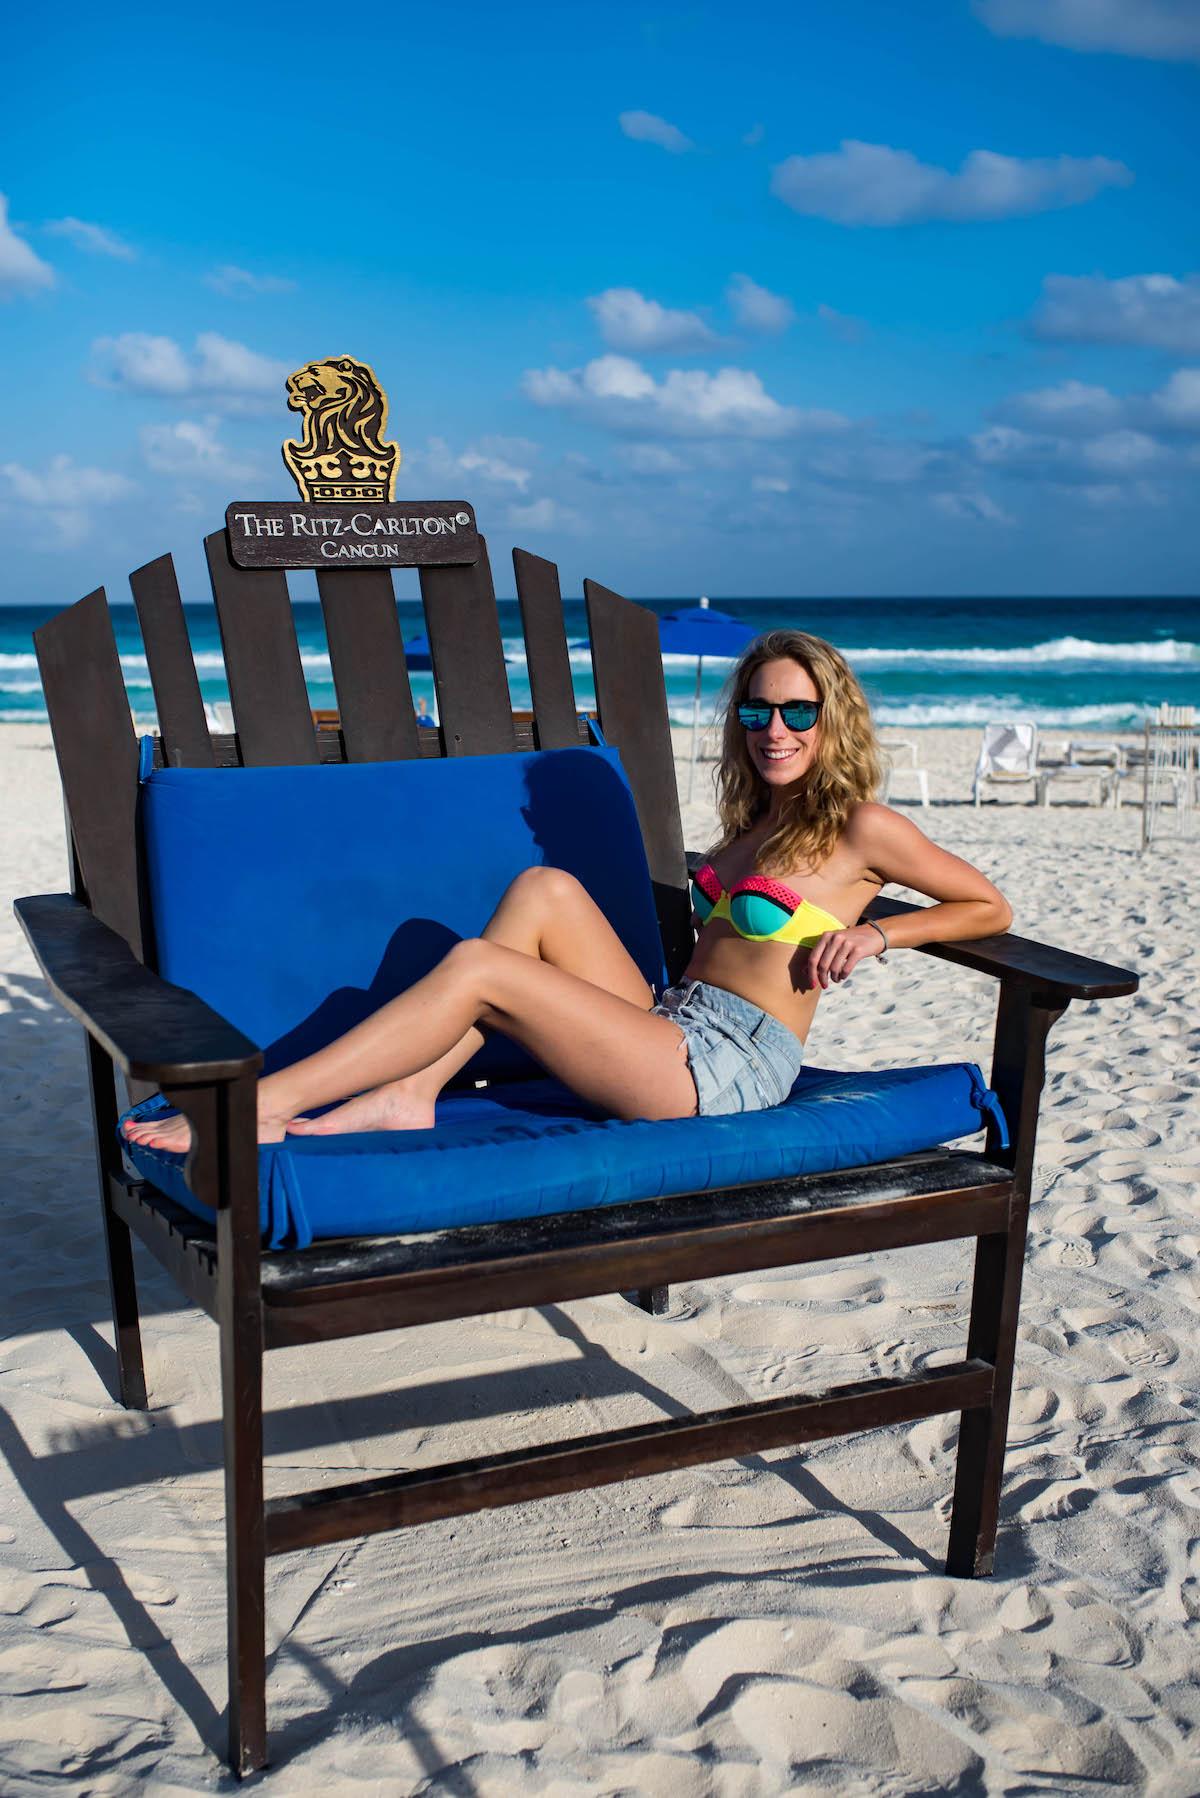 The Ritz-Carlton Cancun Beach